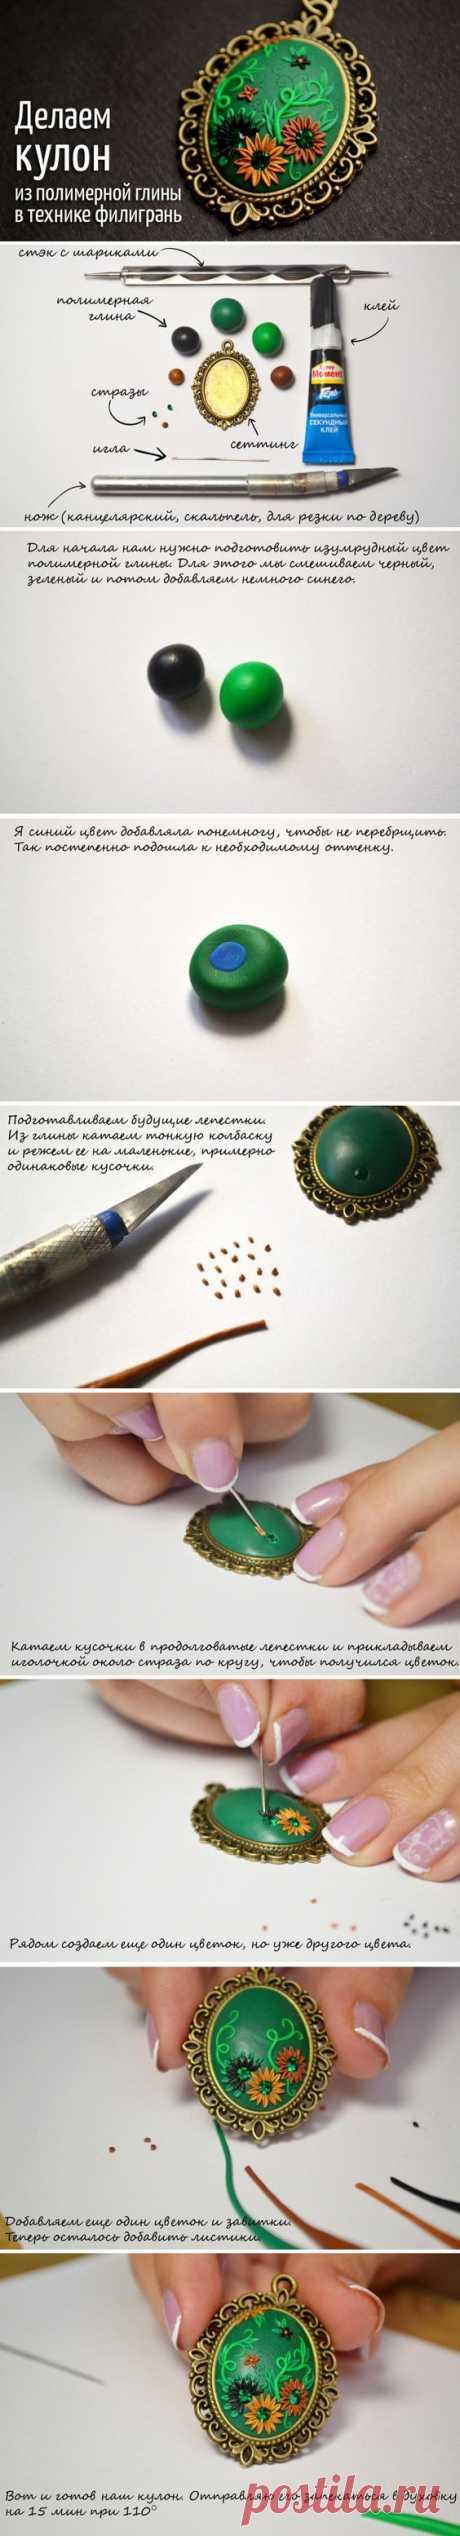 (11) Мастер-класс по лепке из полимерной глины: создаем кулон в технике филигрань #polymerclay #diy #tutorial | Things to make